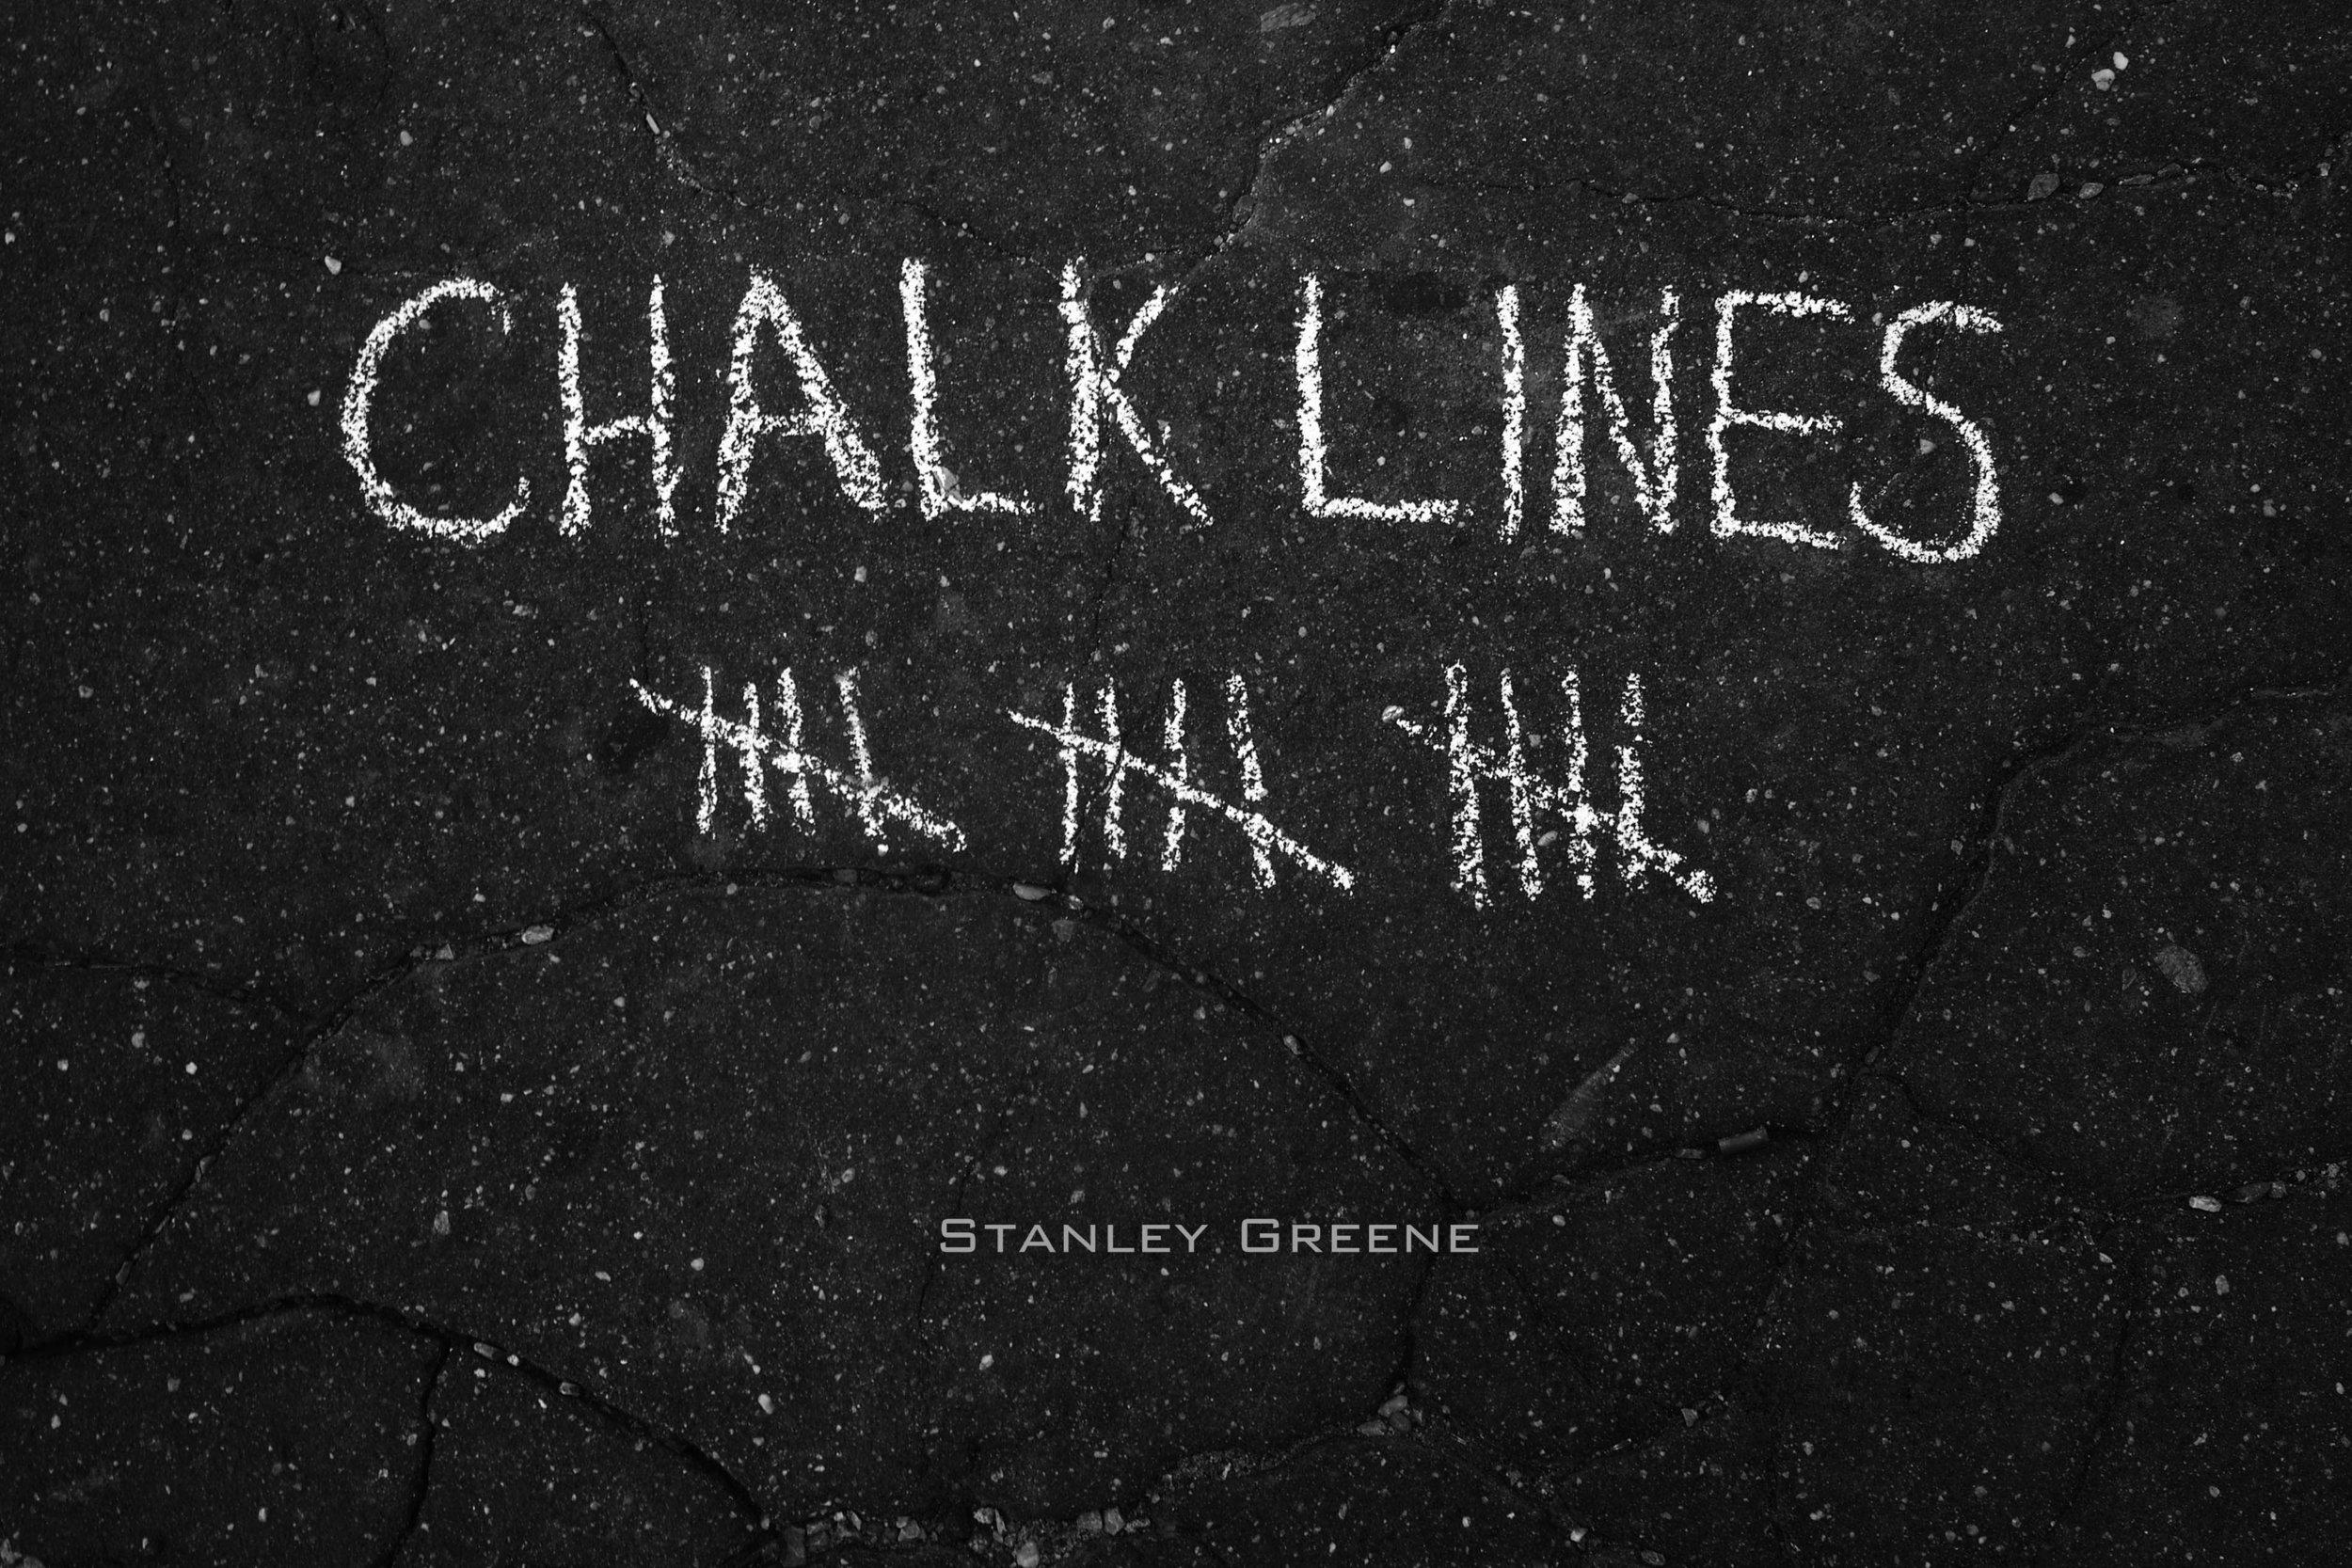 - by Stanley Greene